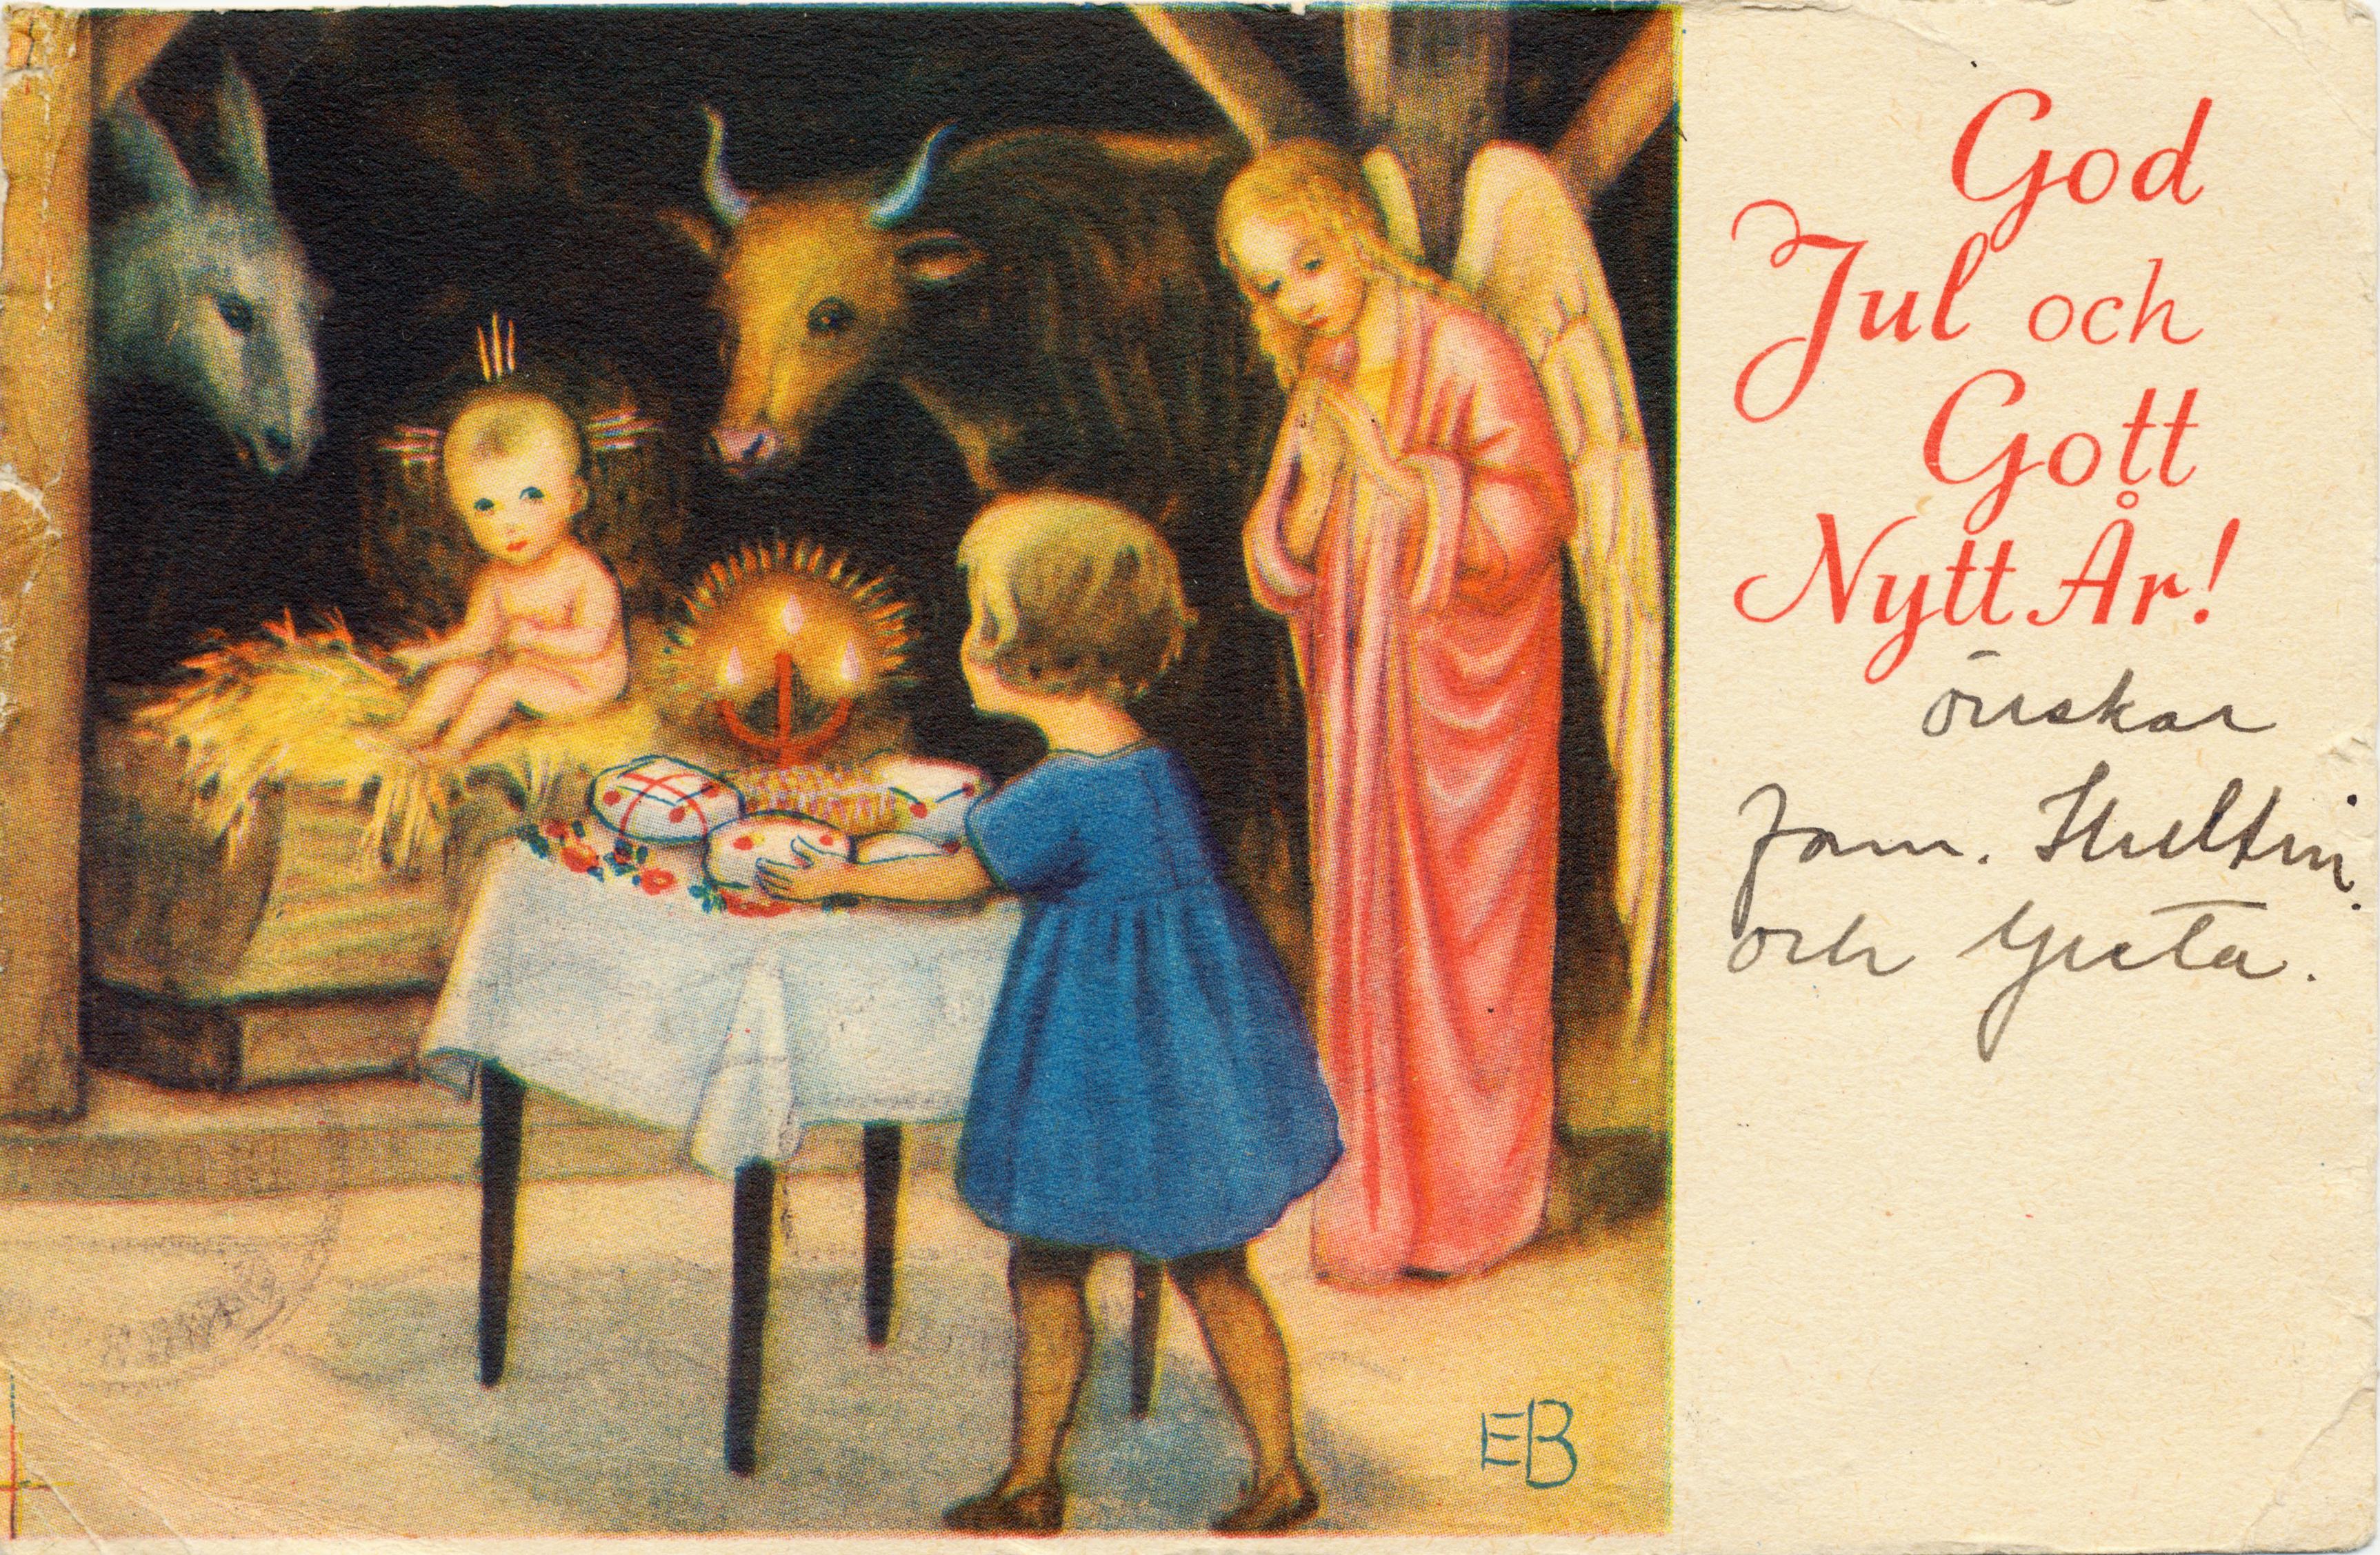 jesusbarnets födelsedag Julkort arkiv   Postmuseum jesusbarnets födelsedag